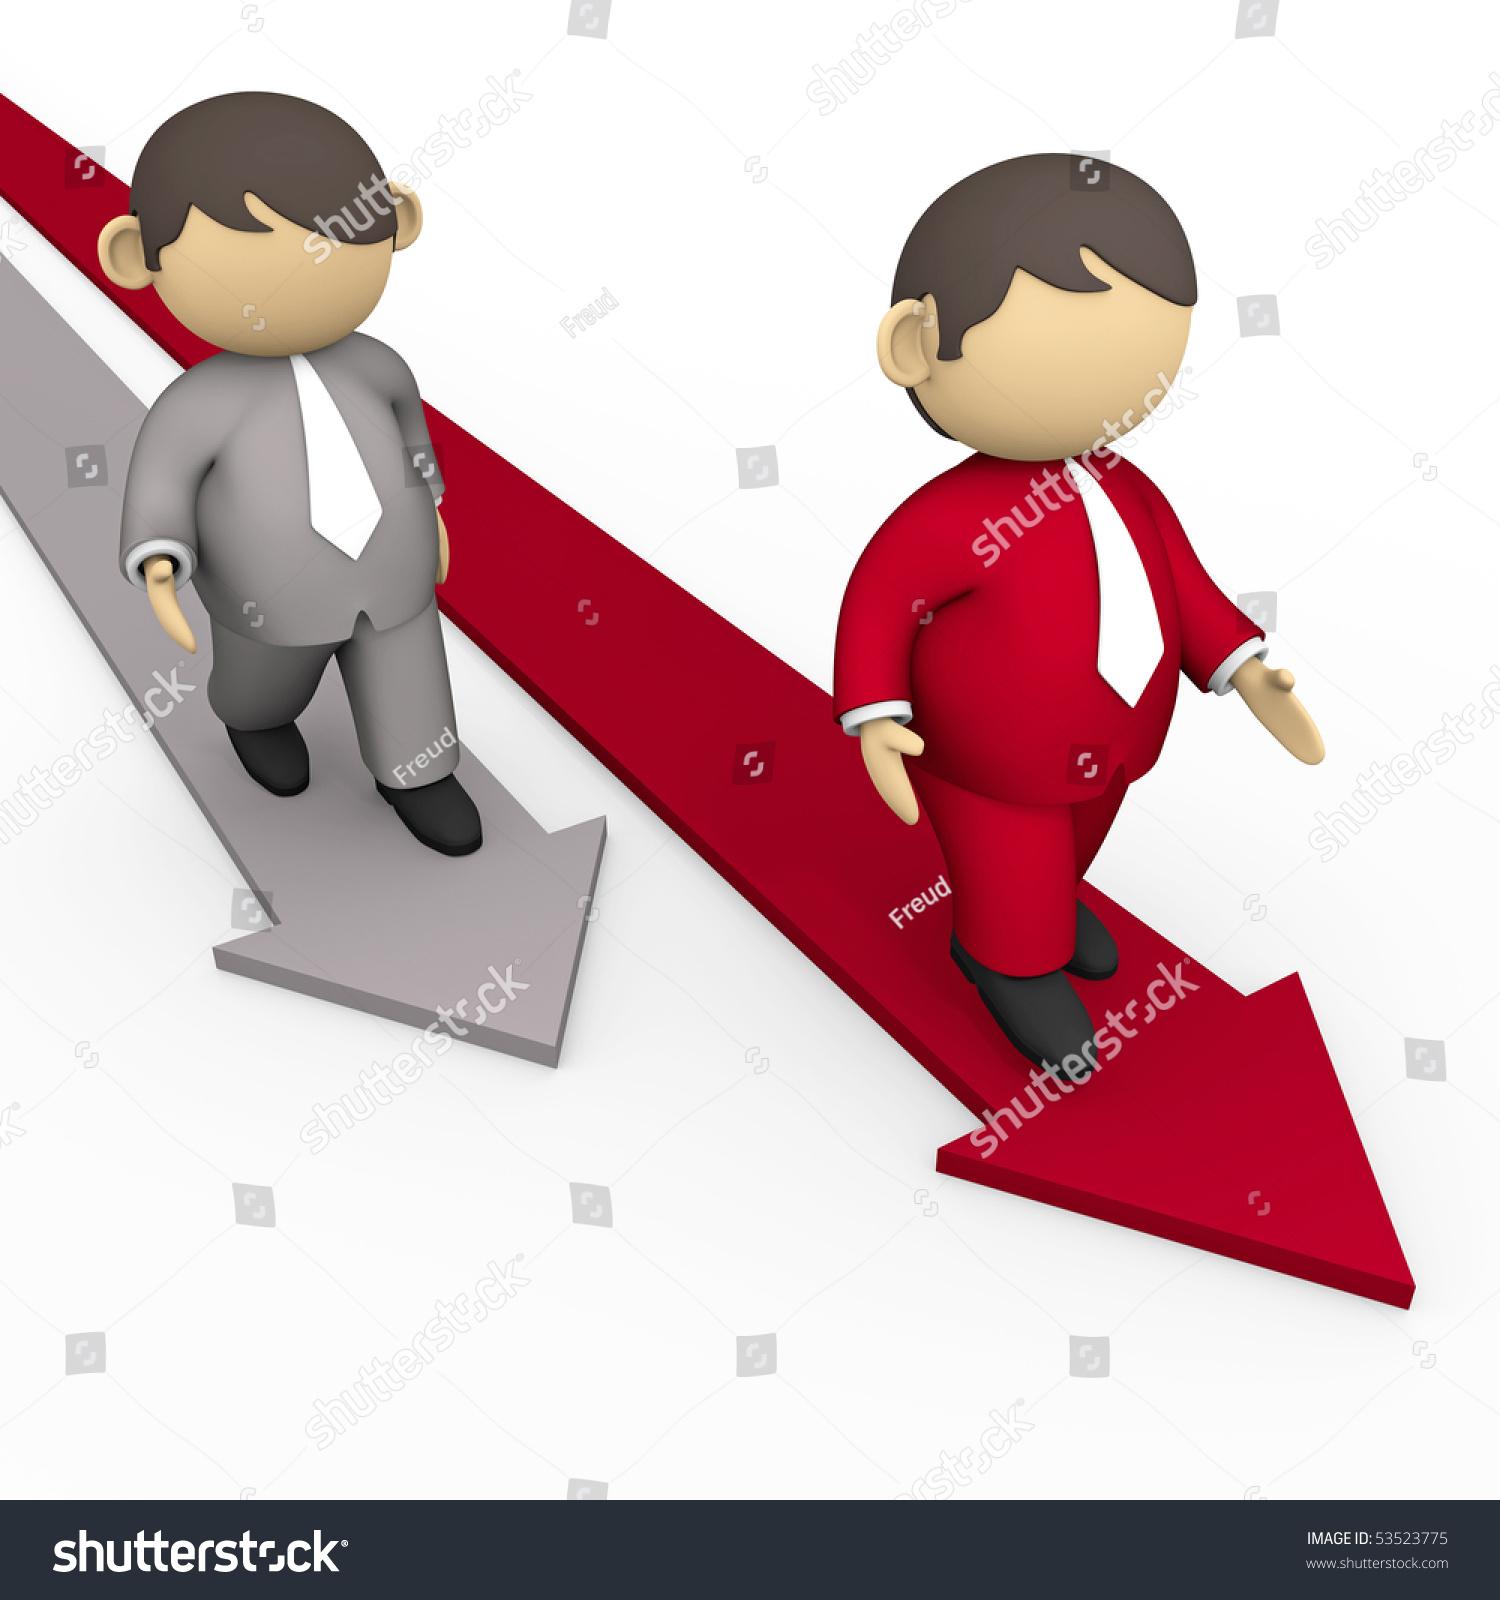 商人走在箭头形状紧随其后-商业/金融,插图/剪贴图-()